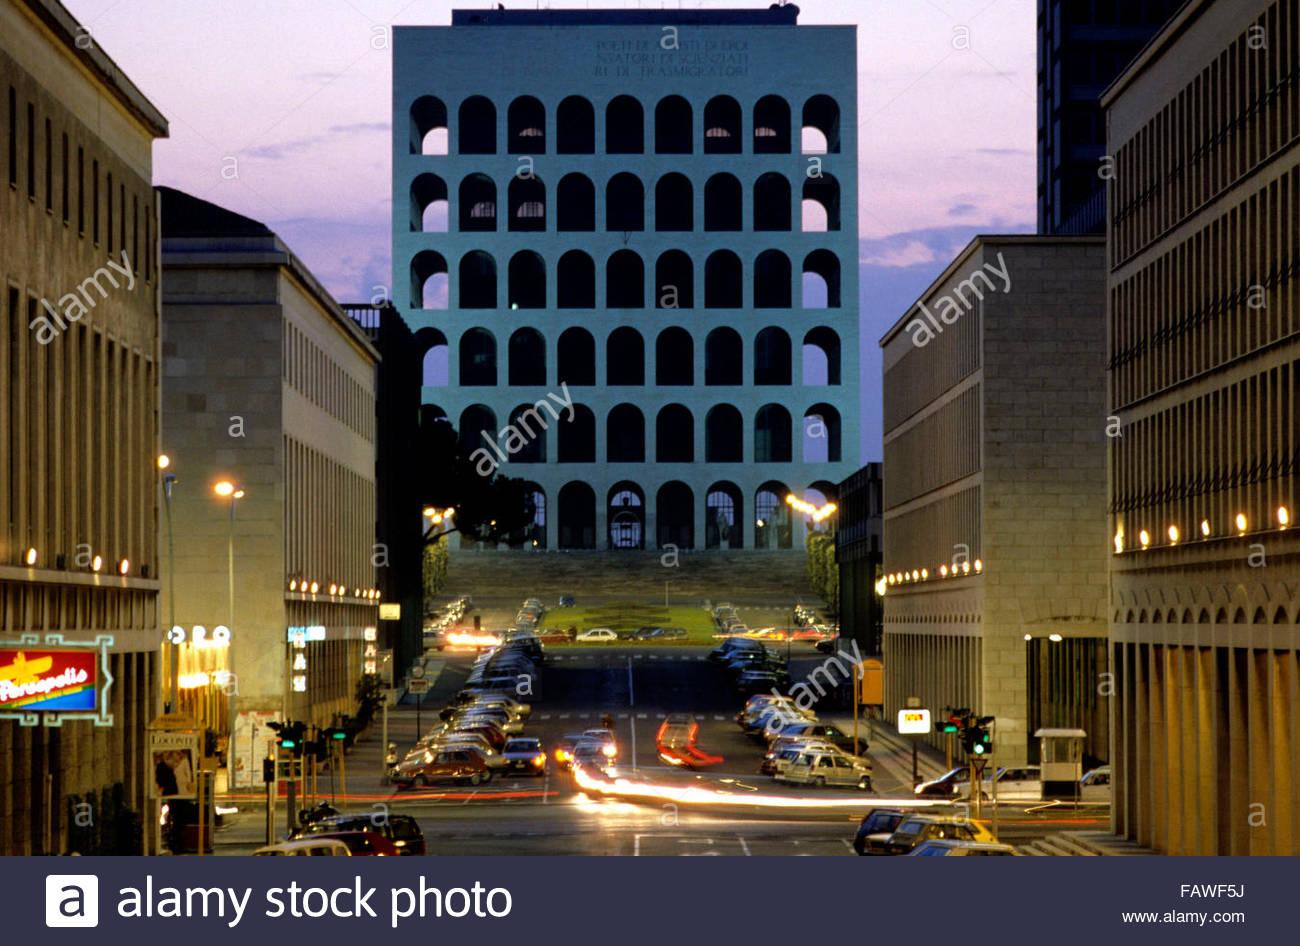 Palazzo della Civilta italiana, Roma, Italia Imagen De Stock